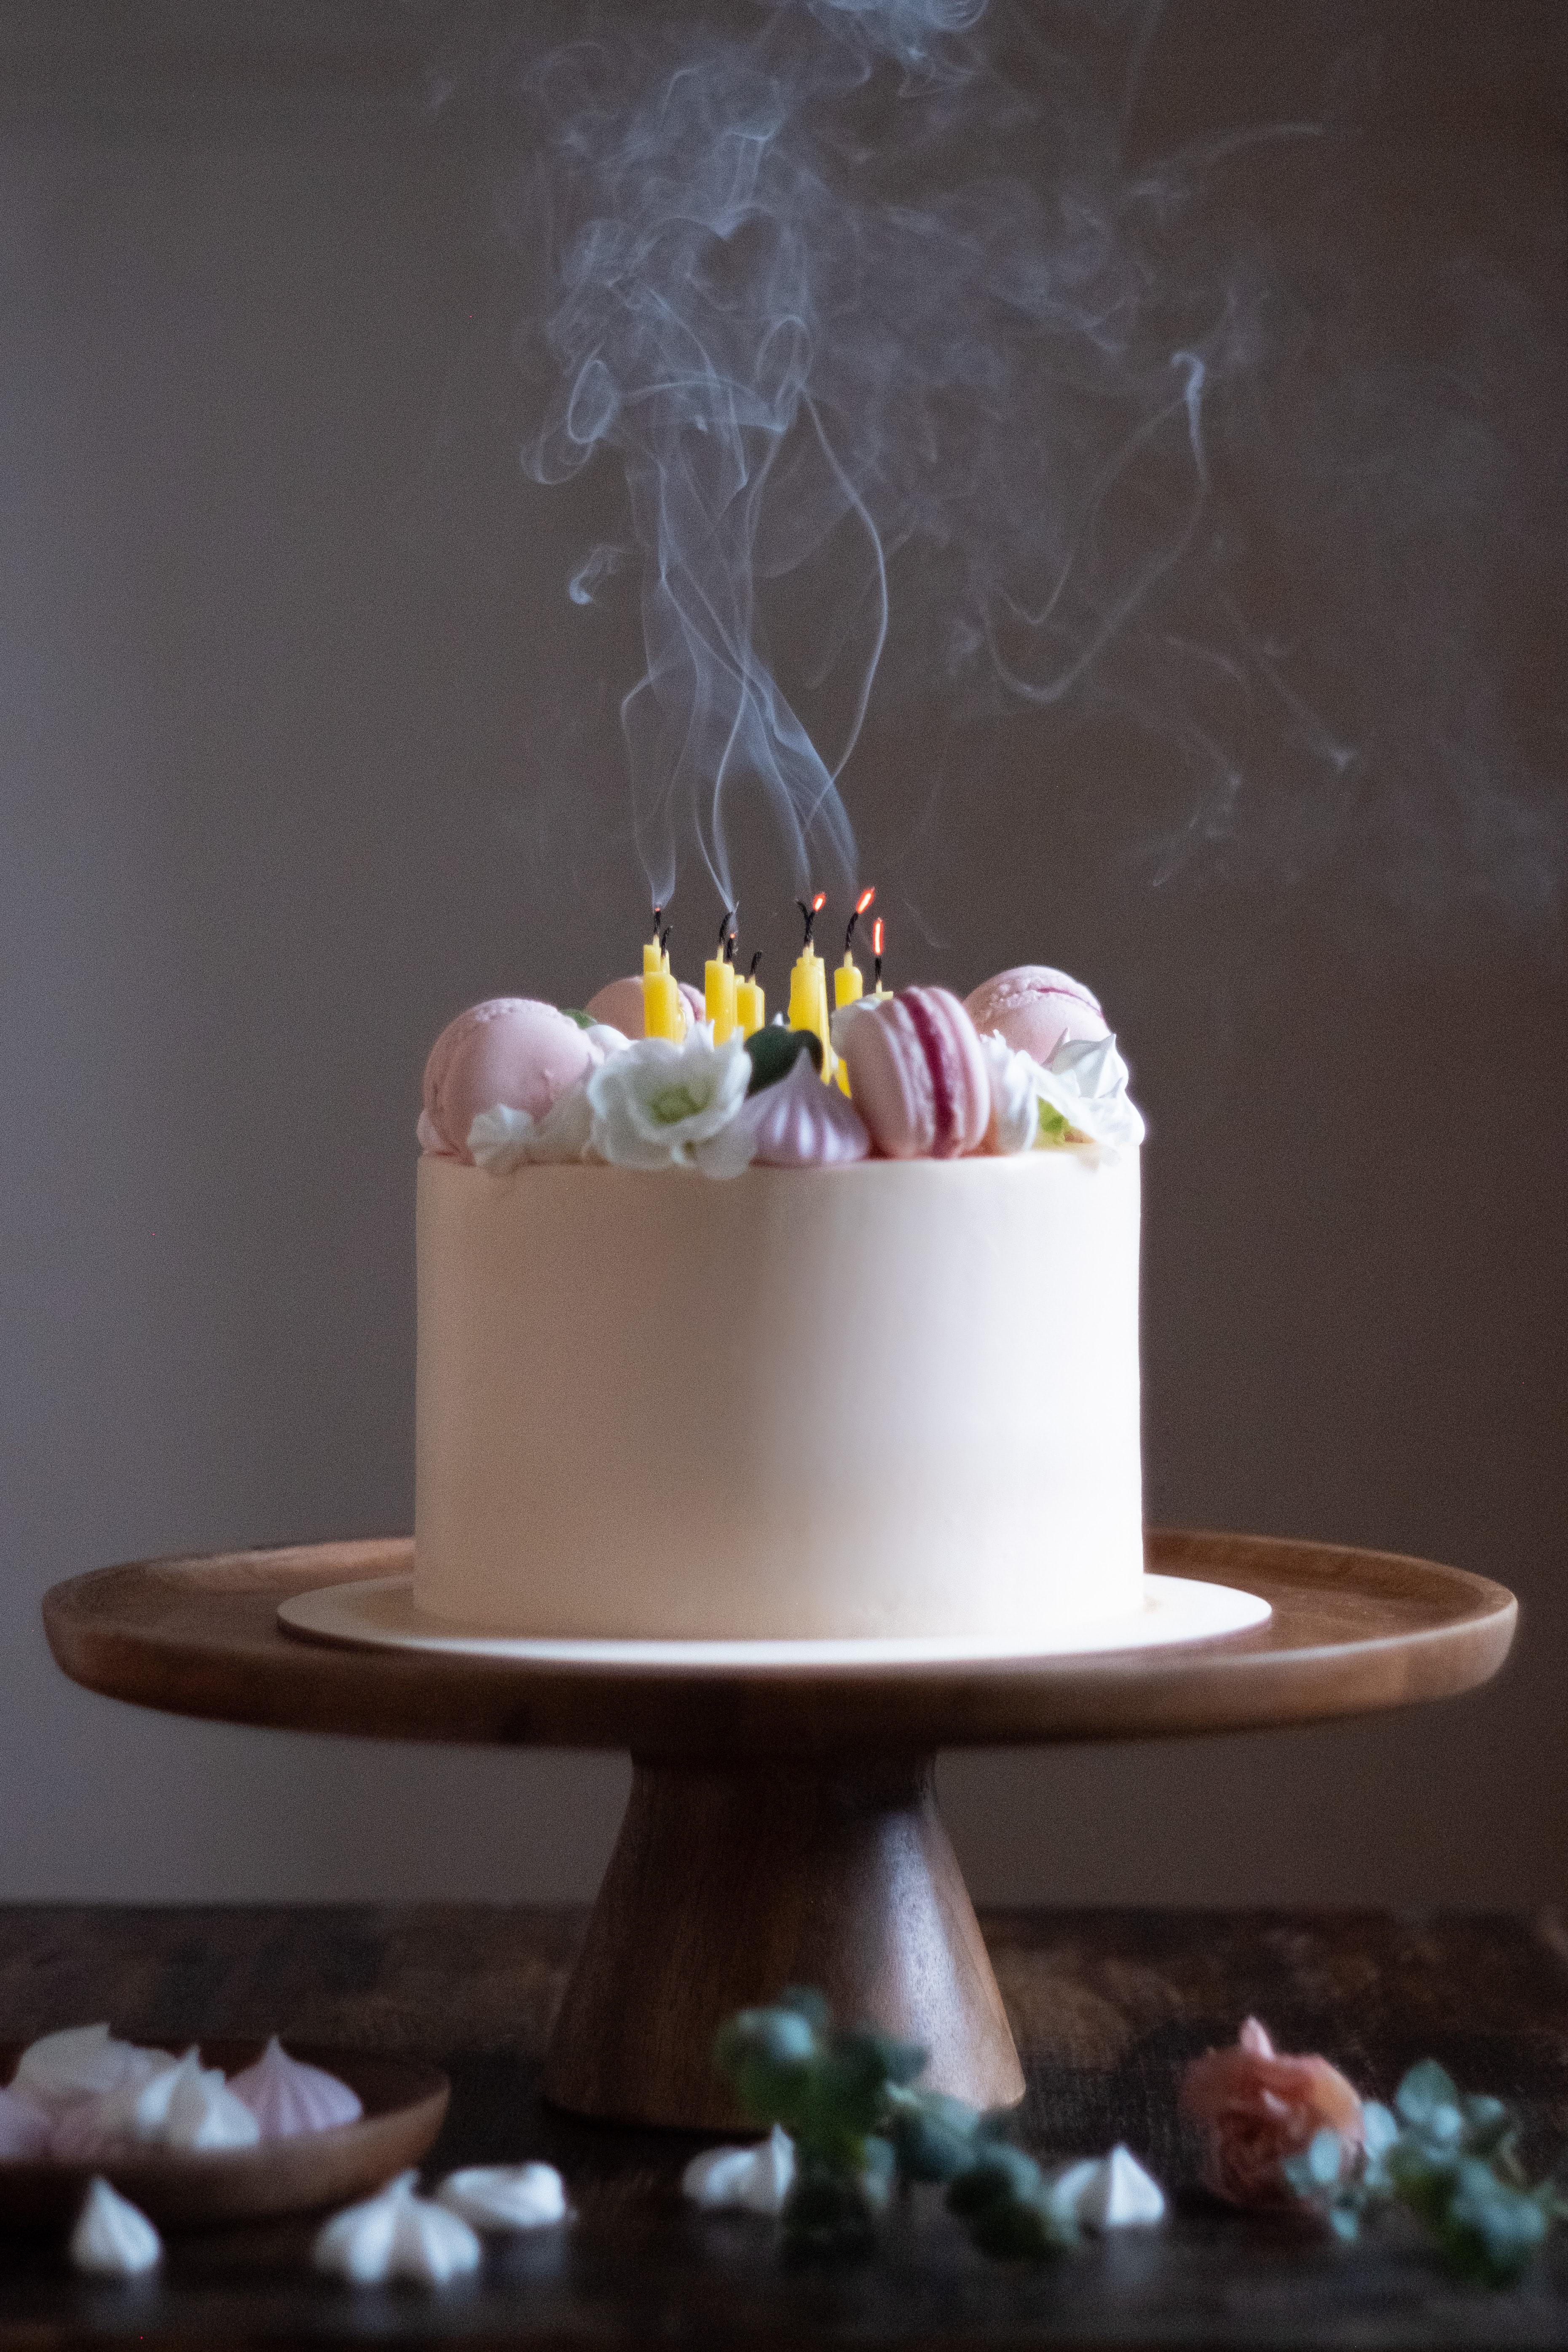 85527 Hintergrundbild herunterladen Lebensmittel, Raucher, Wüste, Kerzen, Kuchen, Bäckereiprodukte, Backen - Bildschirmschoner und Bilder kostenlos